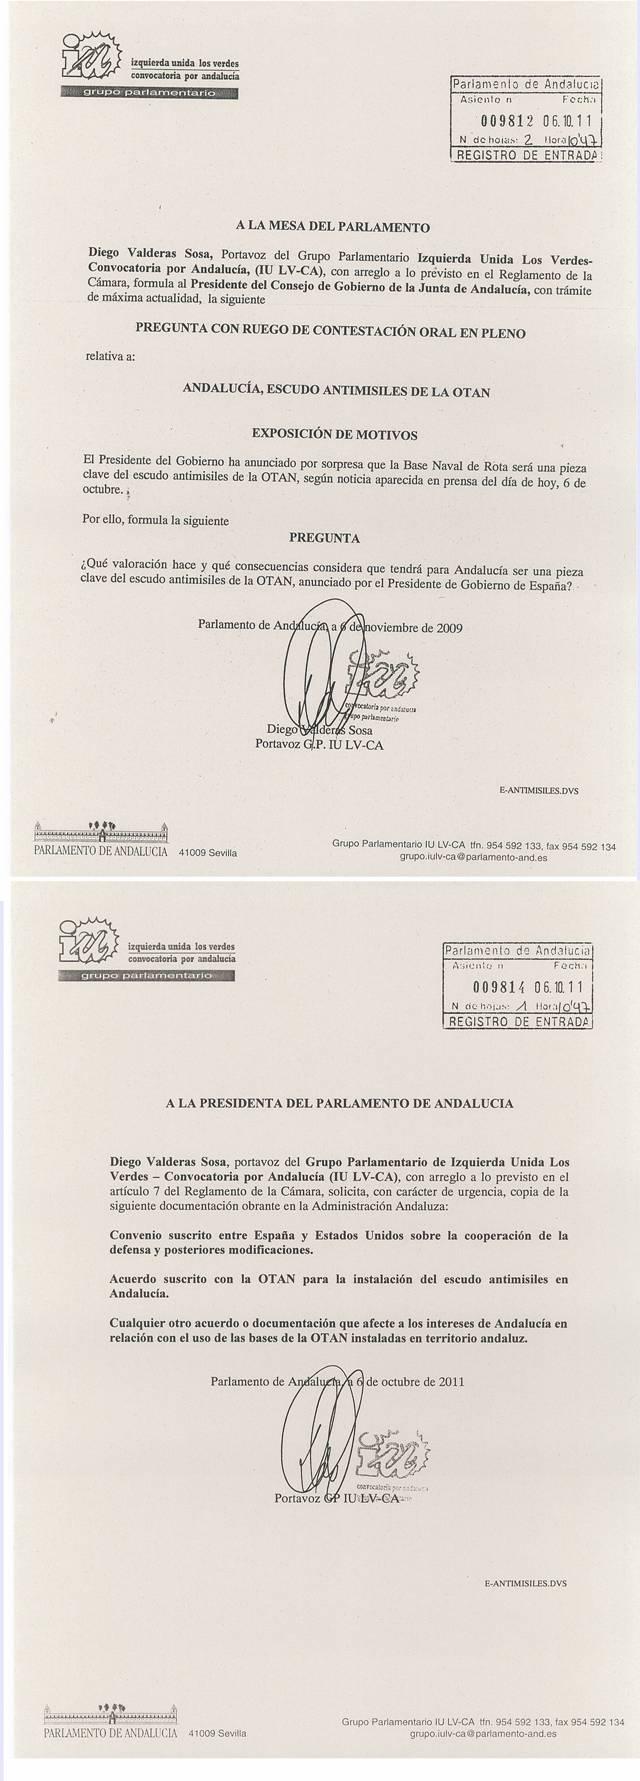 20111006193254-inic-escudo-antimisiles640.jpg